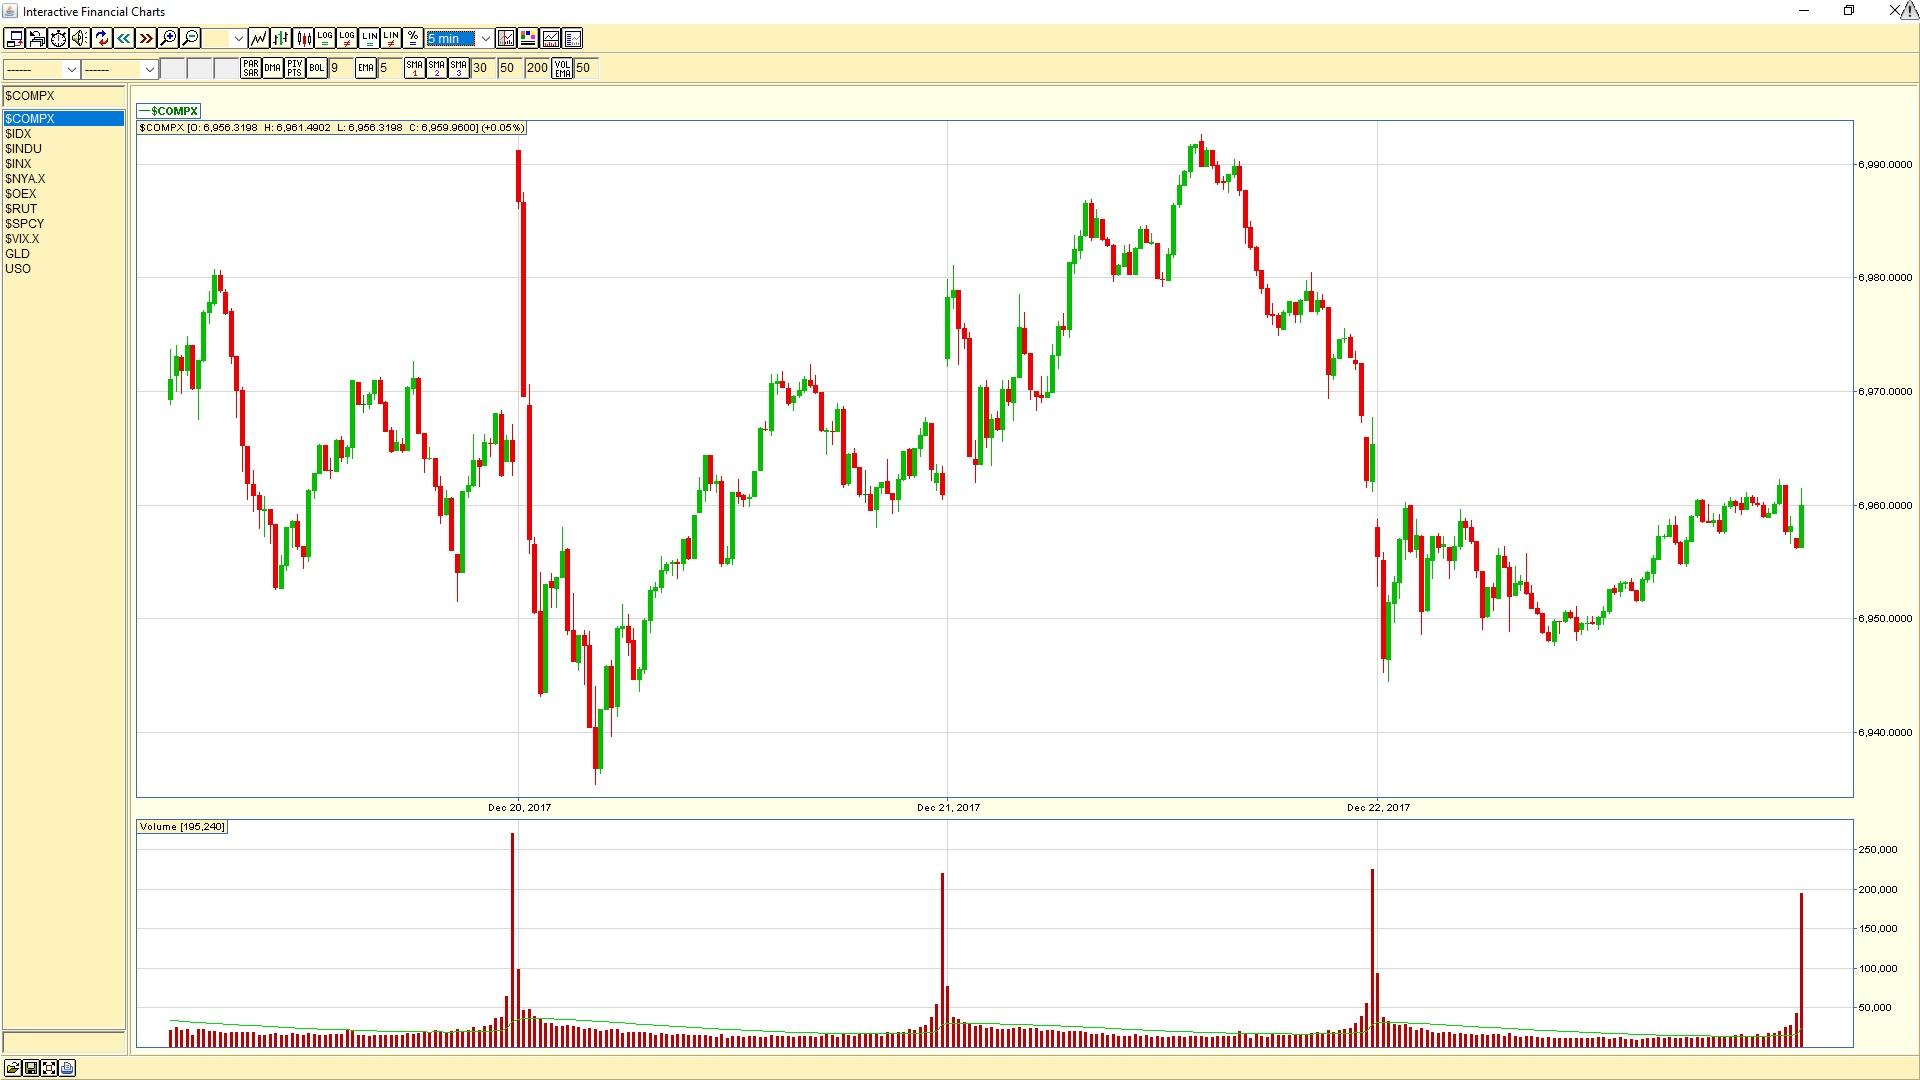 NASDAQ 5 Minute Chart